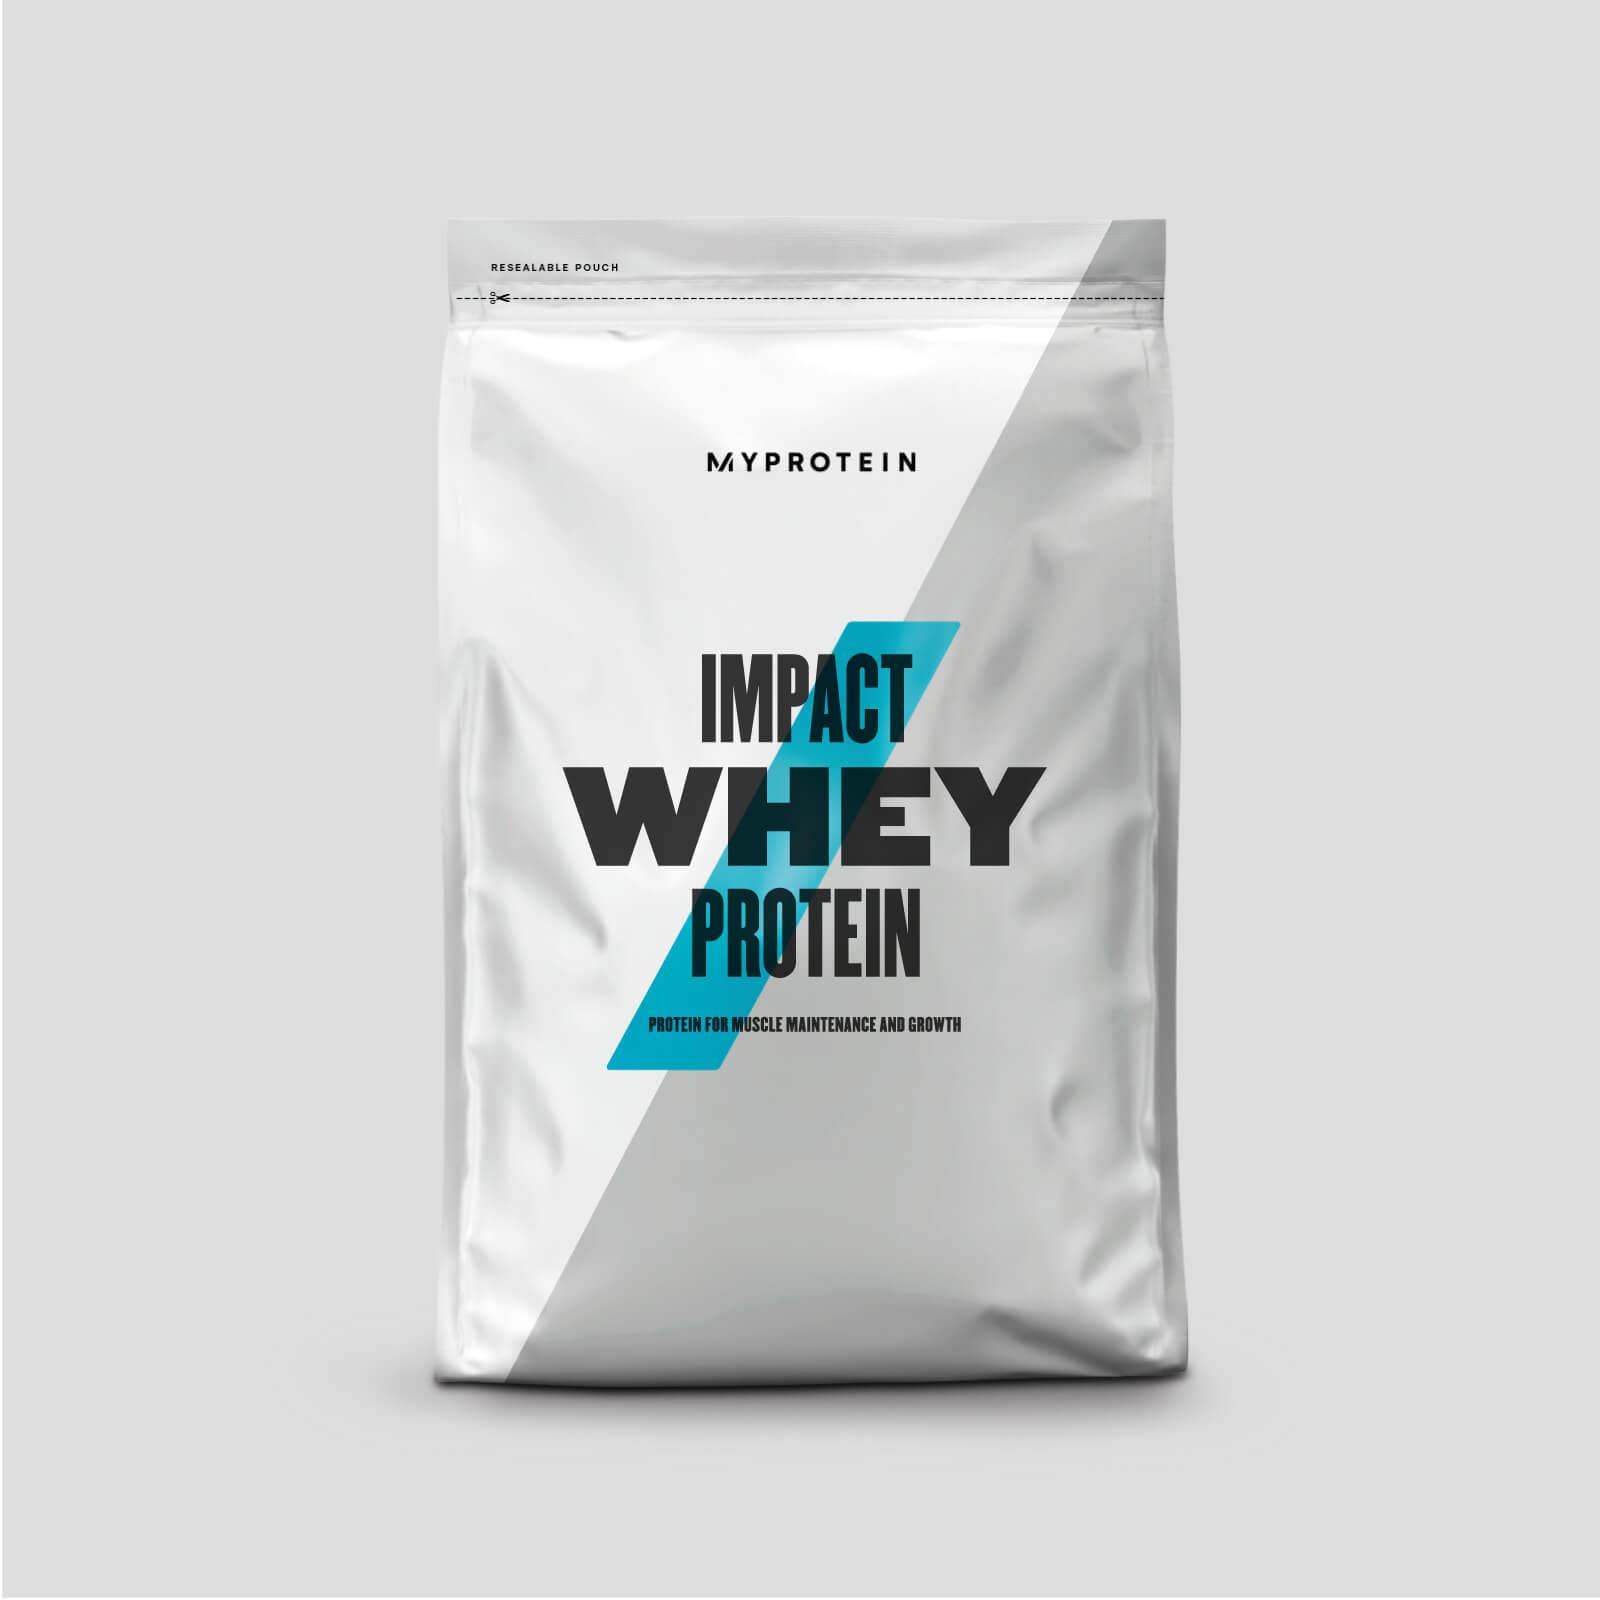 Myprotein Impact Whey Protein - 2.5kg - Sirop Doré